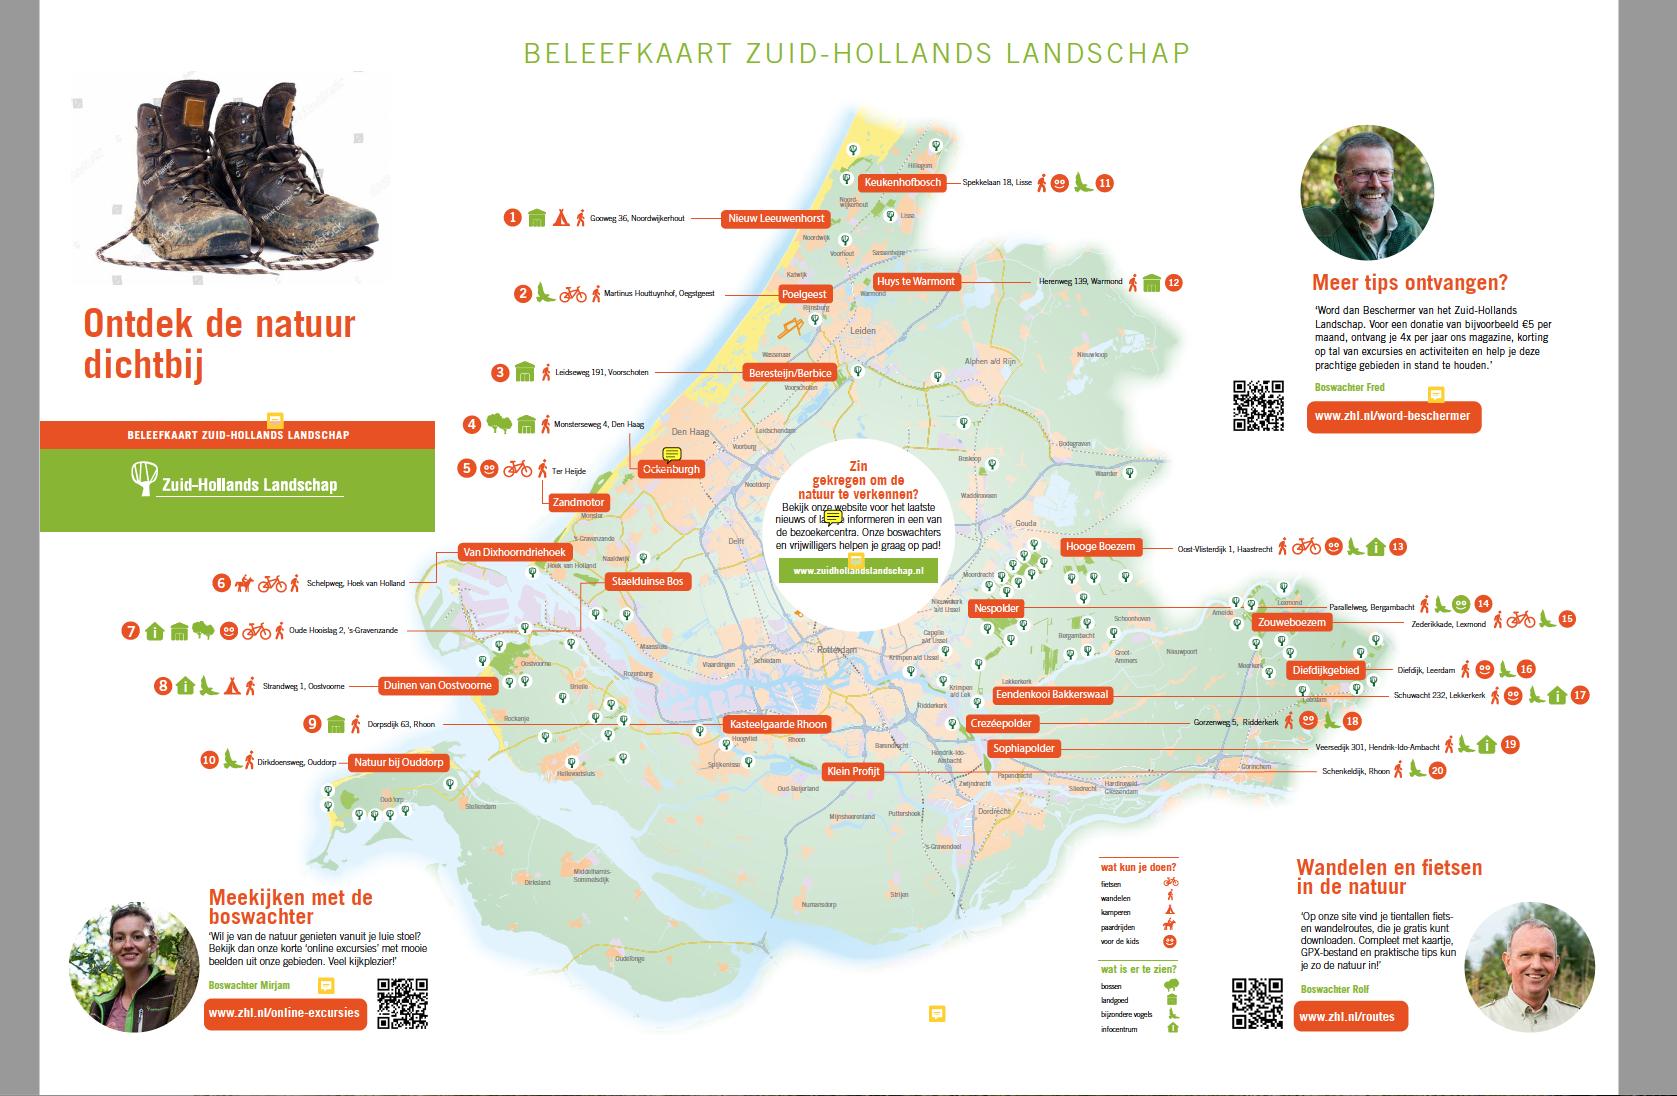 Ontdek de natuur dichtbij in ZH en Utrecht met de Gratis Beleefkaart [update 12/4 10:40]